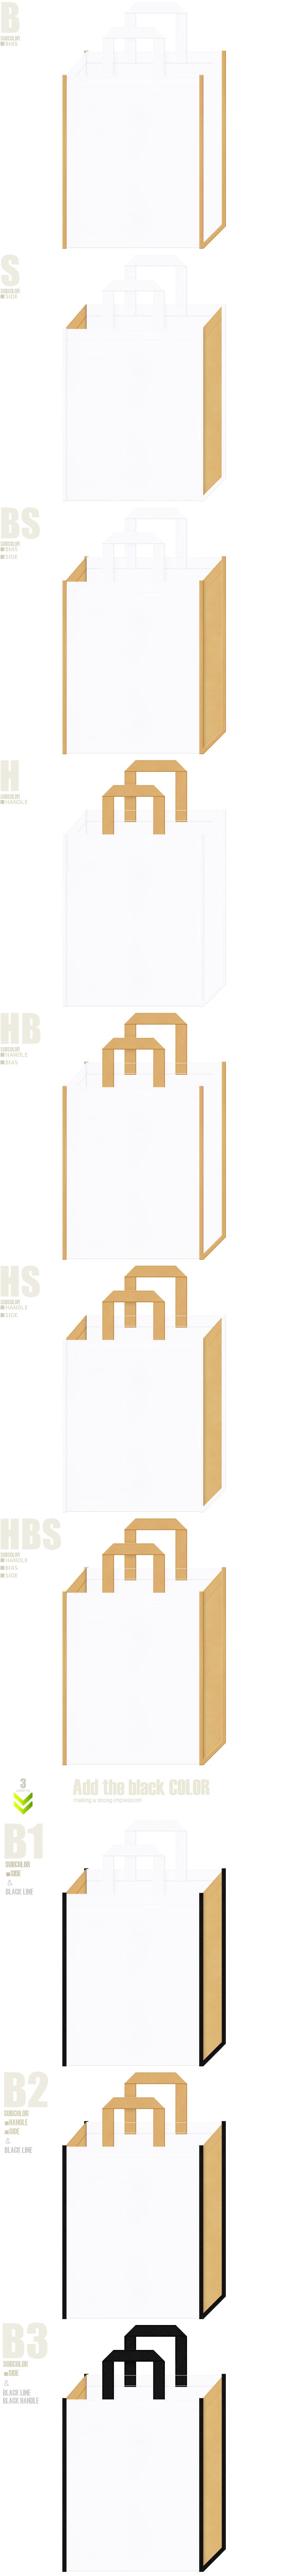 ベーカリー・手芸・木材・木工・檜・DIYイベントにお奨めの不織布バッグデザイン:白色と薄黄土色のコーデ10パターン